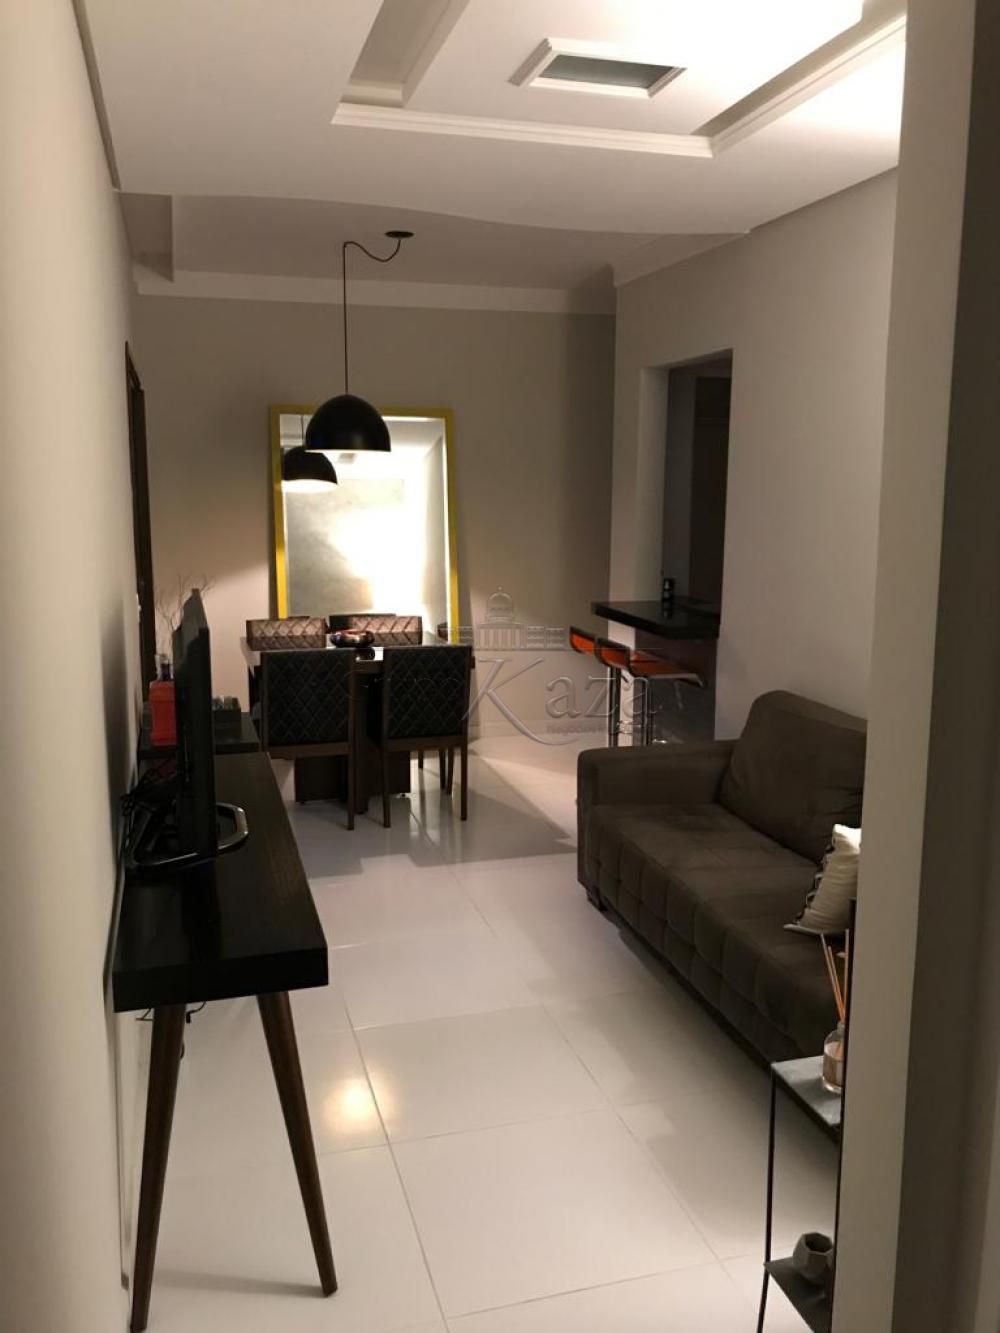 Sao Jose dos Campos Apartamento Venda R$361.700,00 Condominio R$370,00 3 Dormitorios 1 Suite Area construida 74.00m2